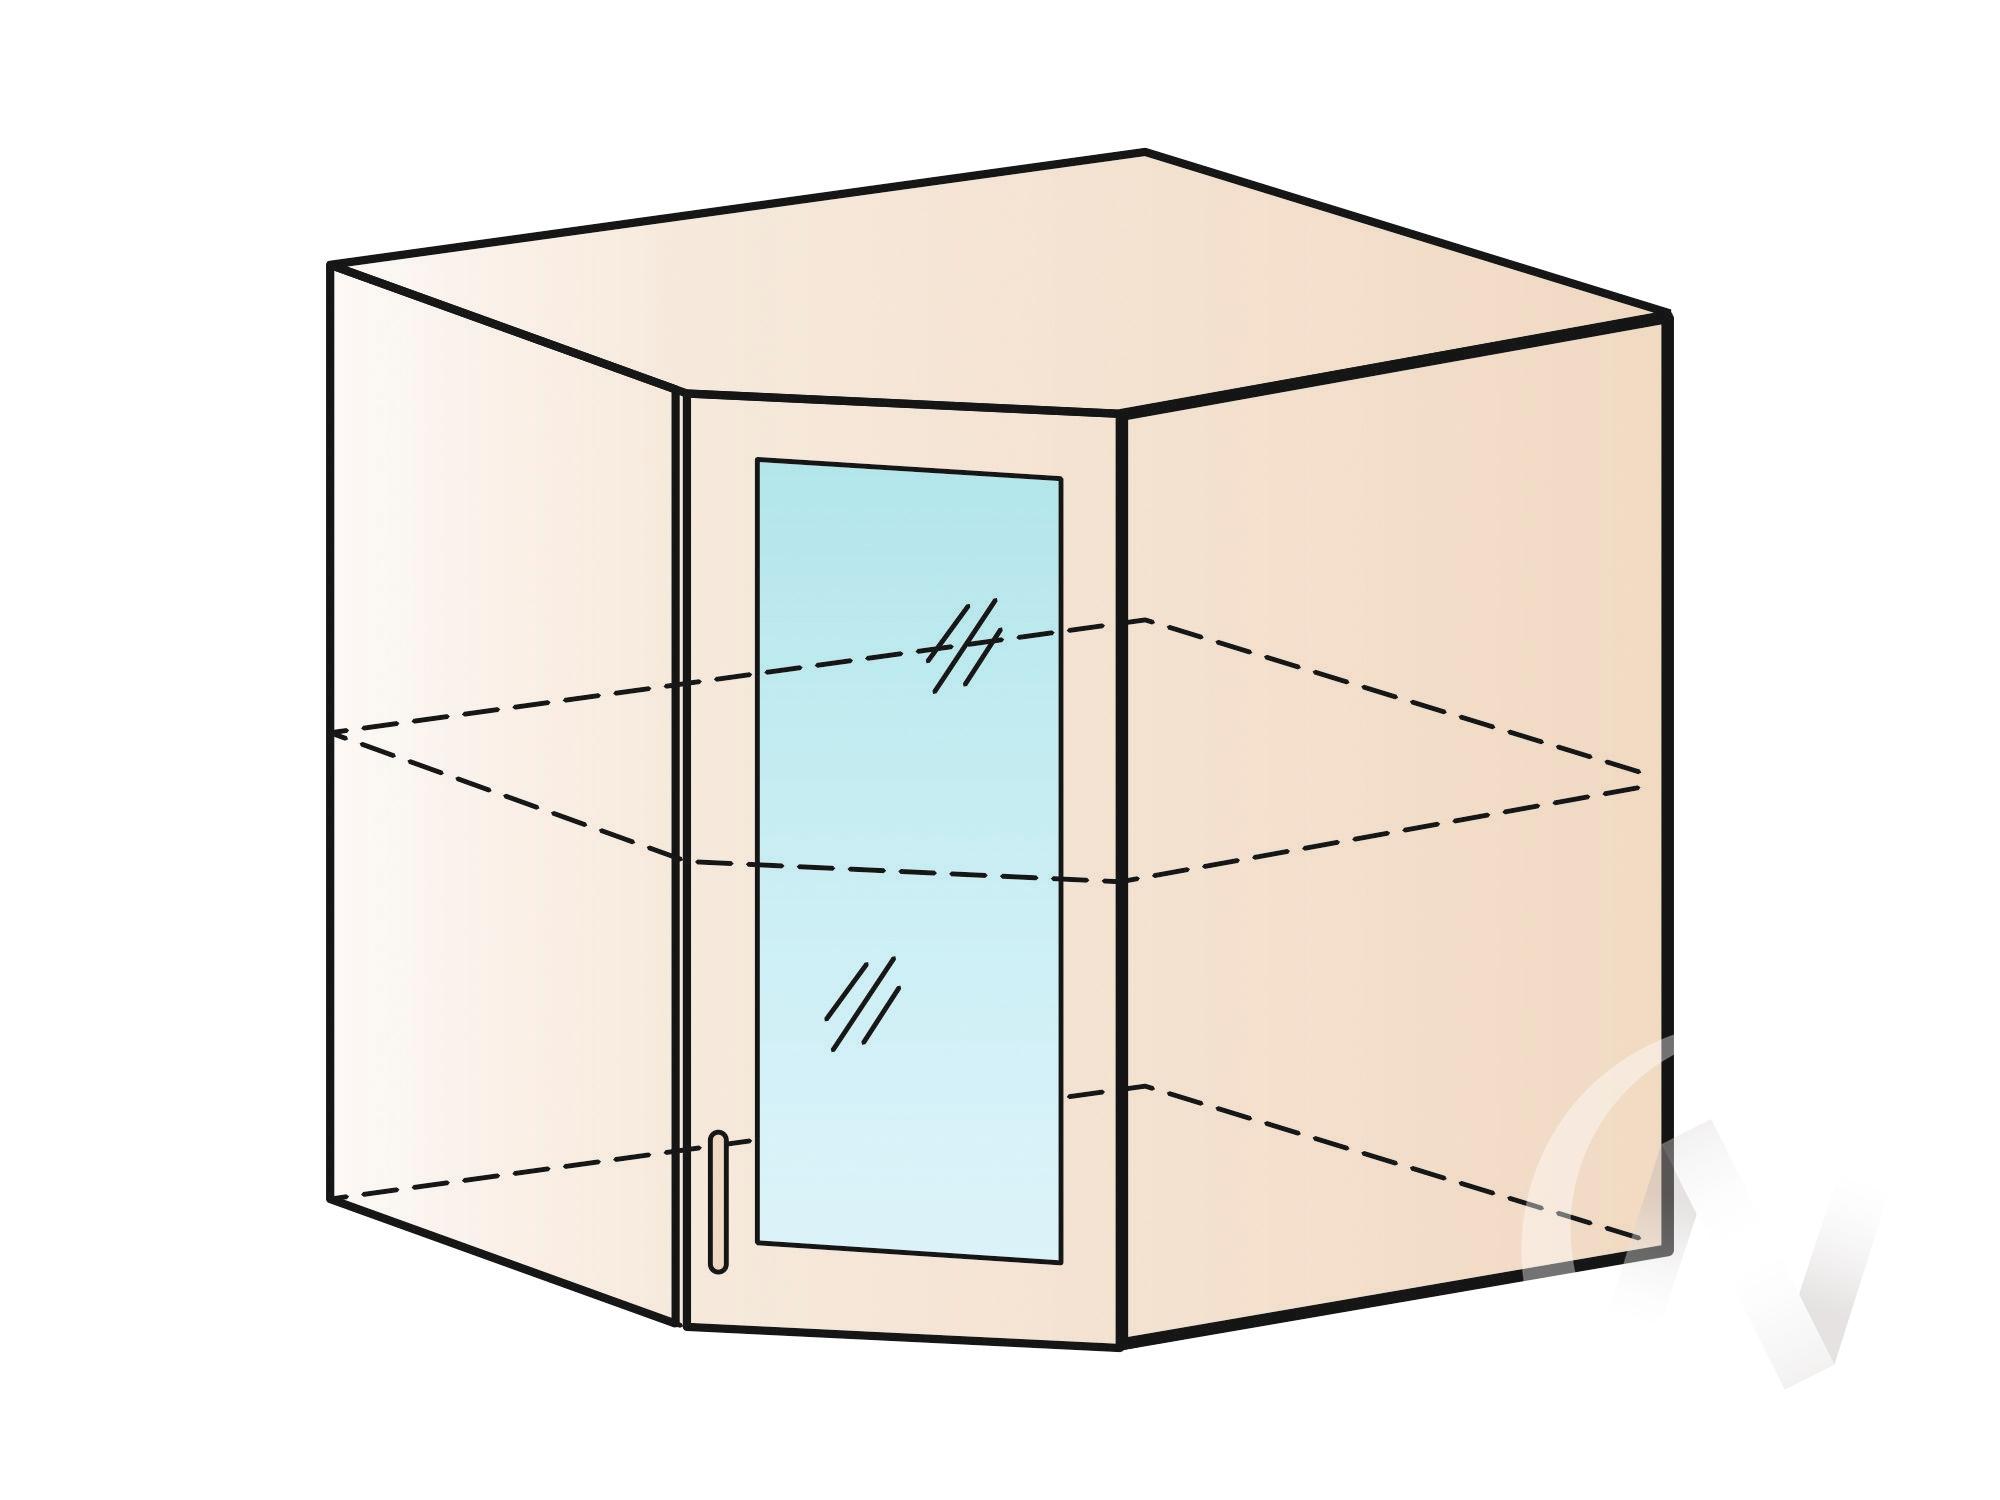 """Кухня """"Струна"""": Шкаф верхний угловой со стеклом 590, ШВУС 590 (белый металлик/корпус венге) в Новосибирске в интернет-магазине мебели kuhnya54.ru"""